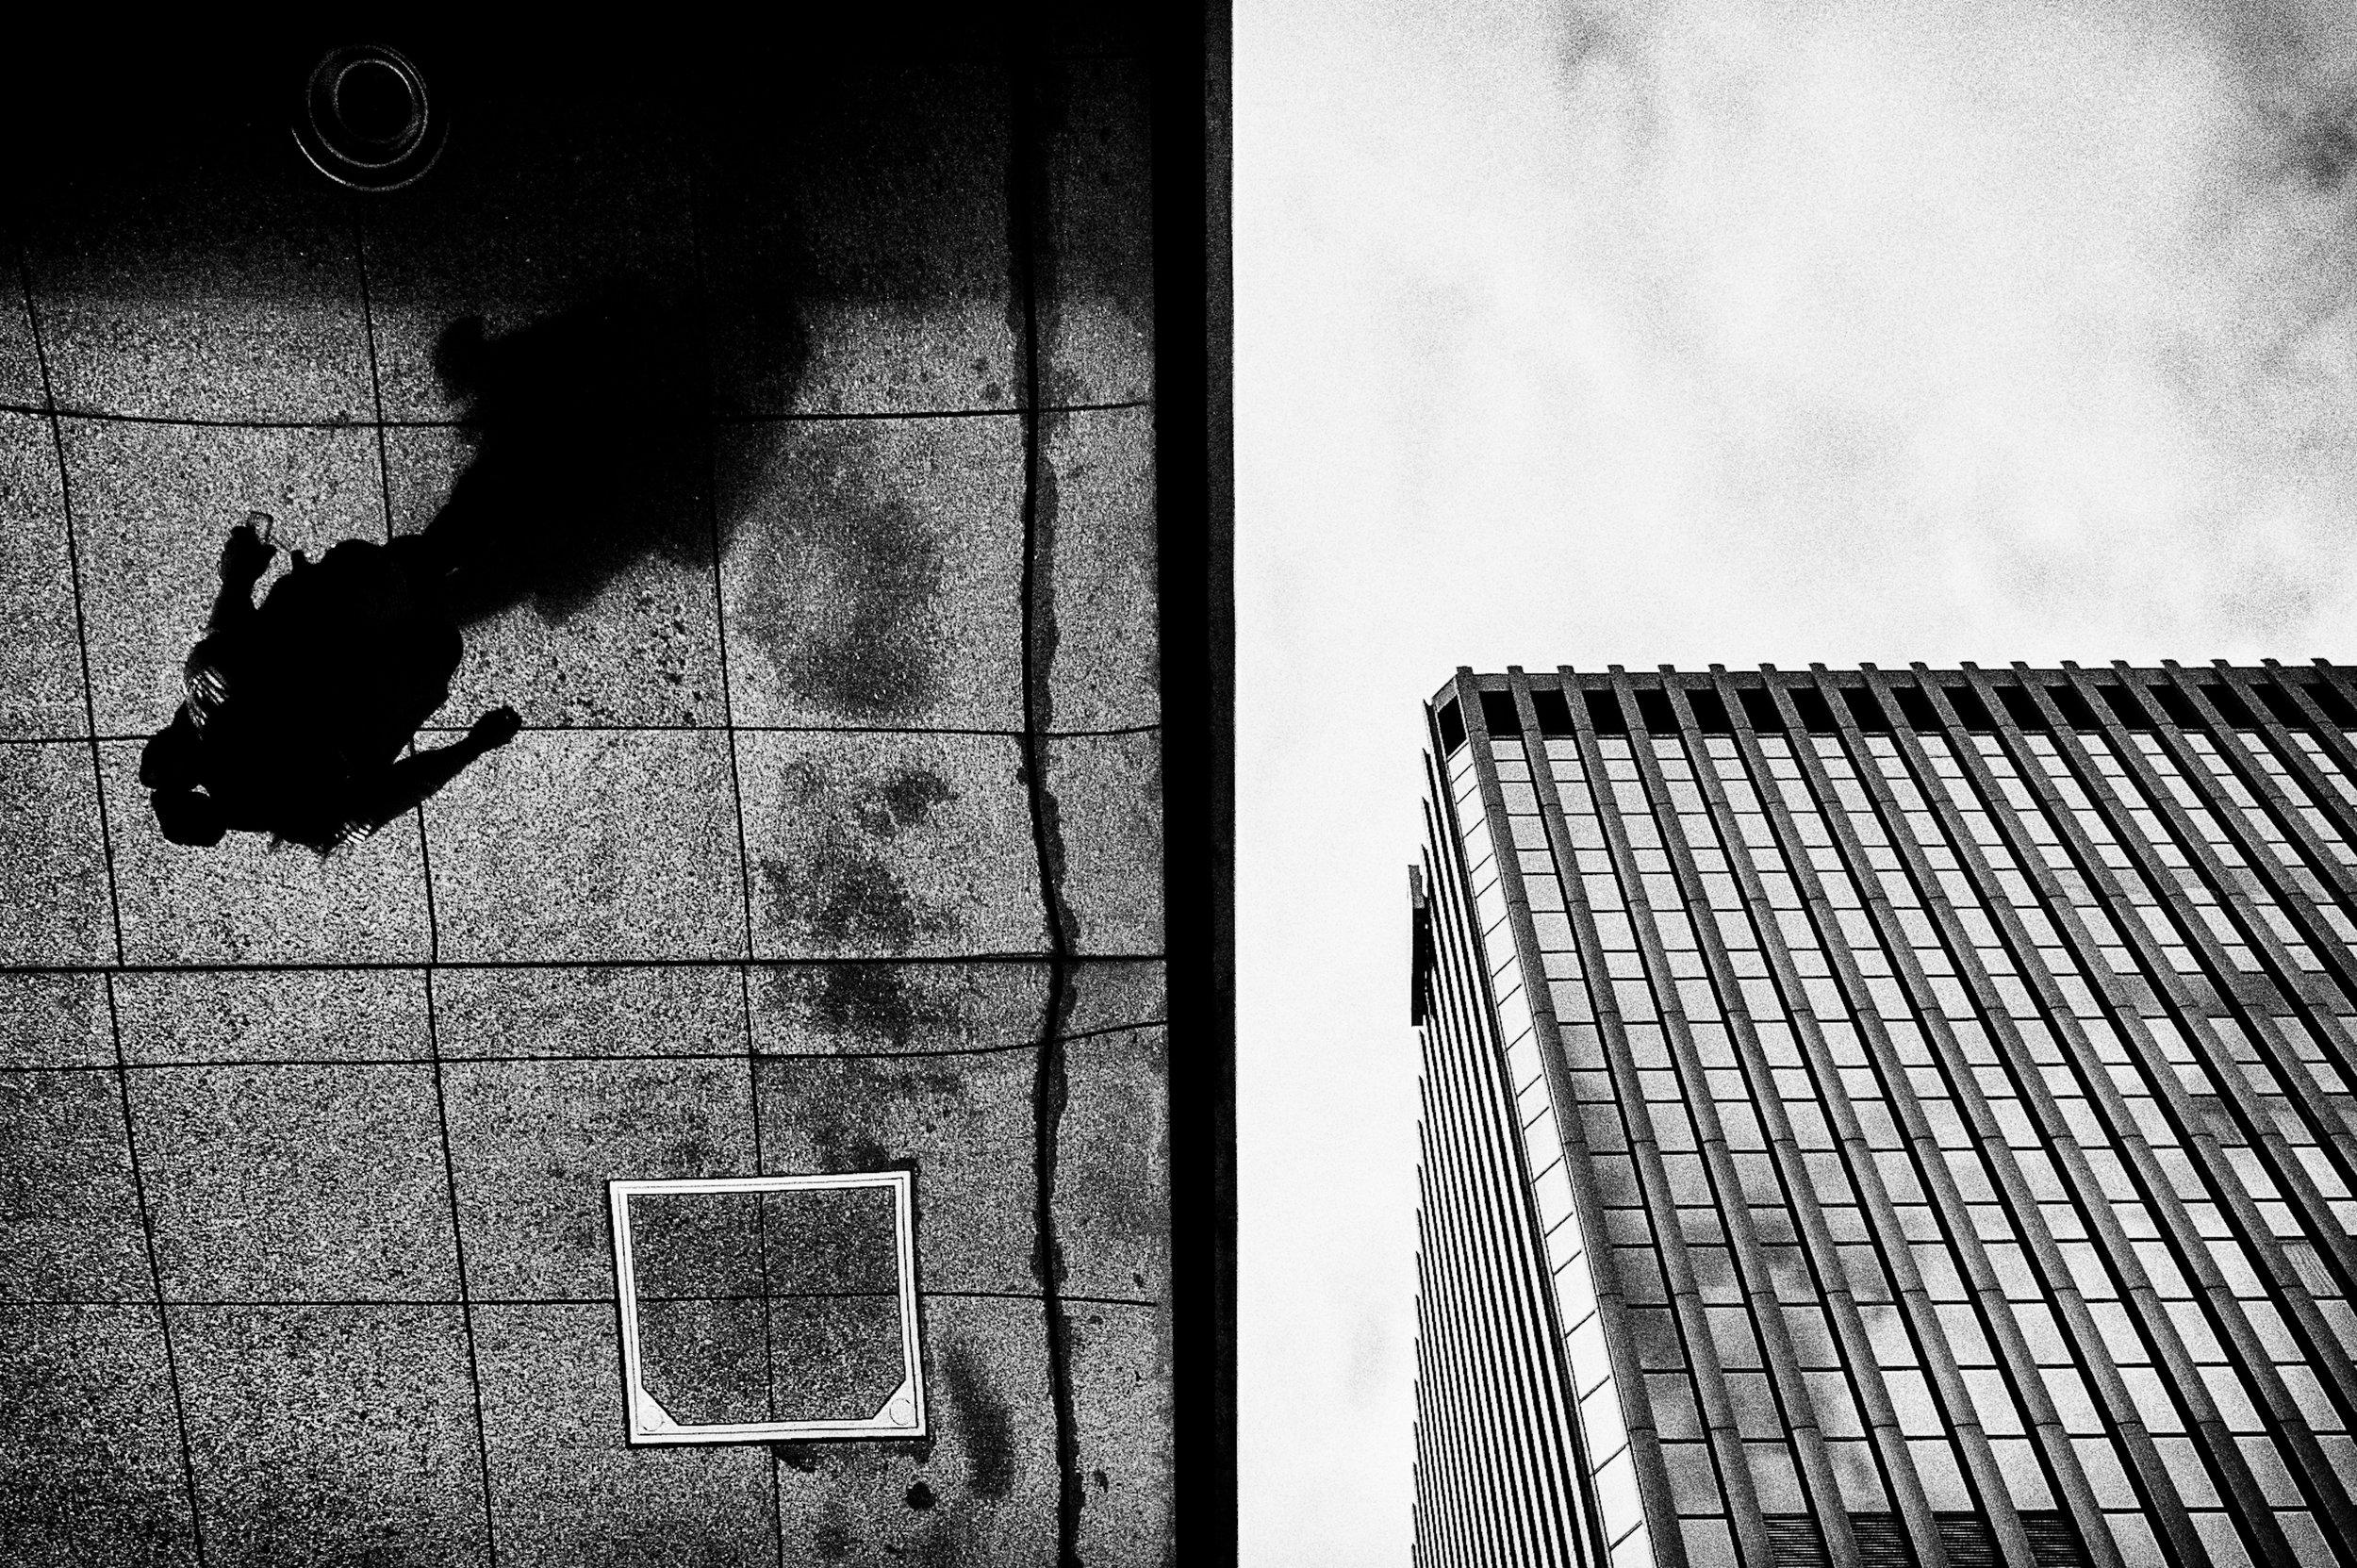 08.20150520-Tokyo.jpg